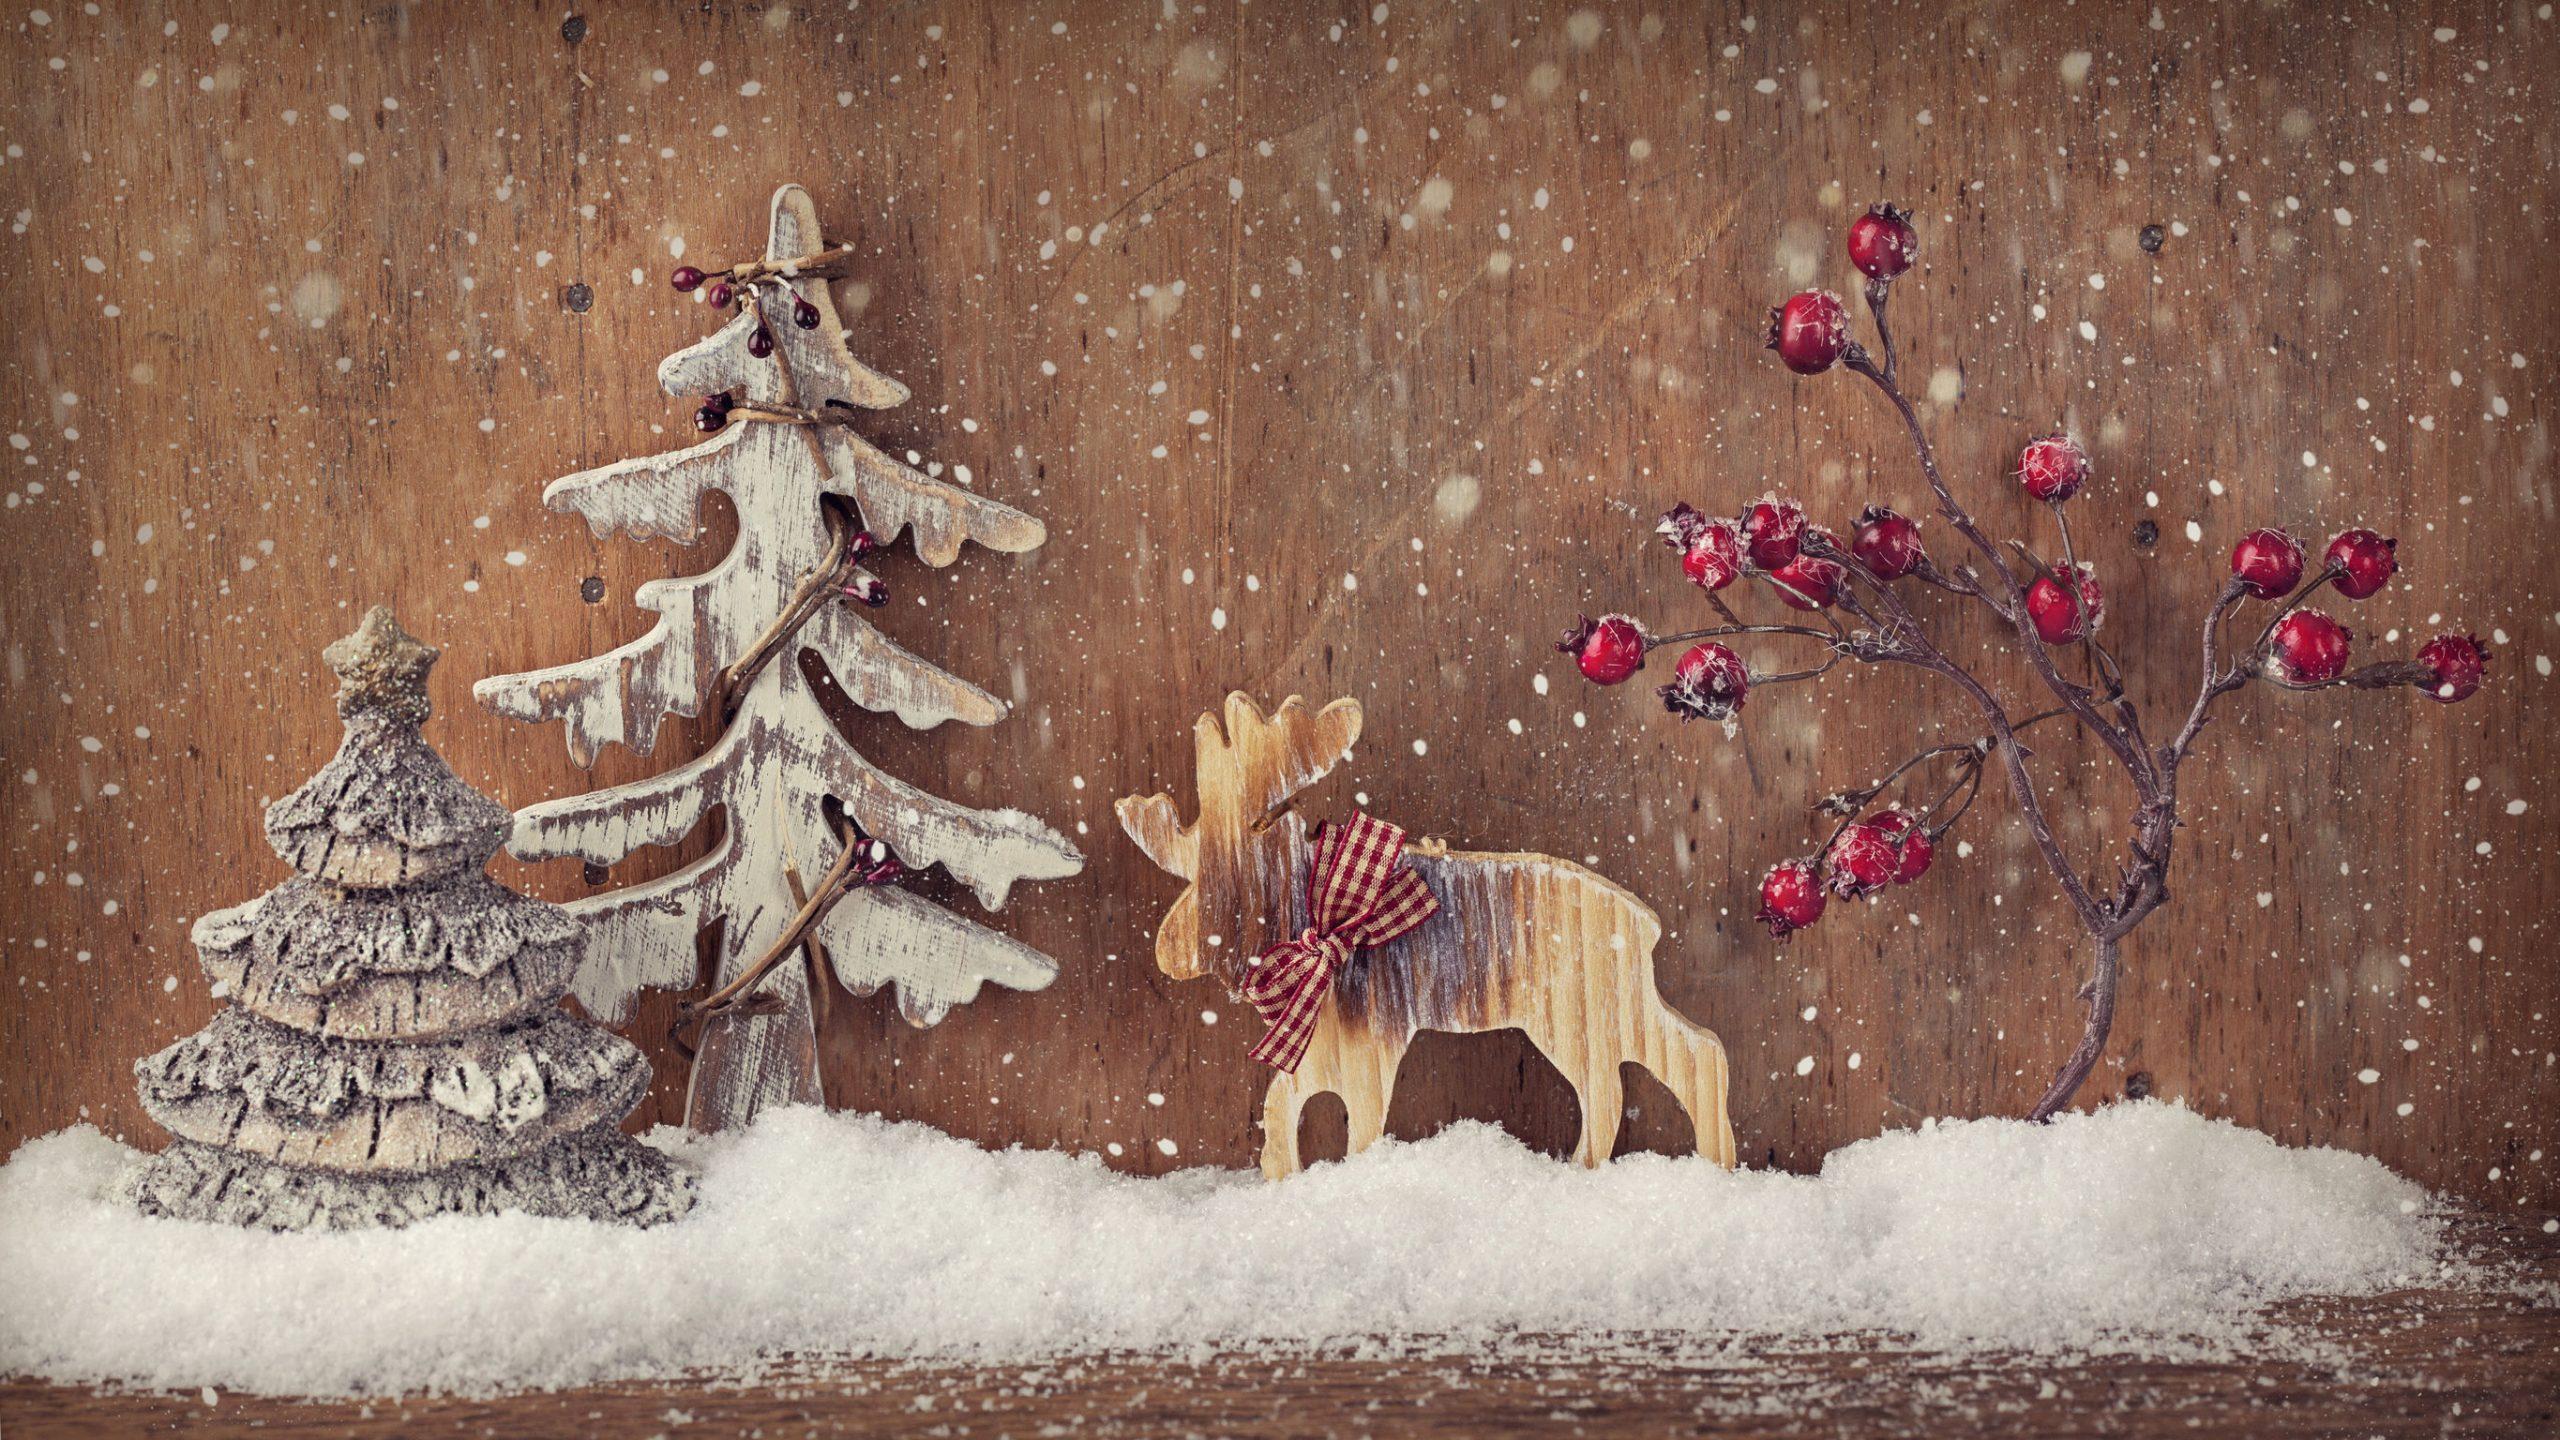 Holzdeko Weihnachten: Test & Empfehlungen (01/20)